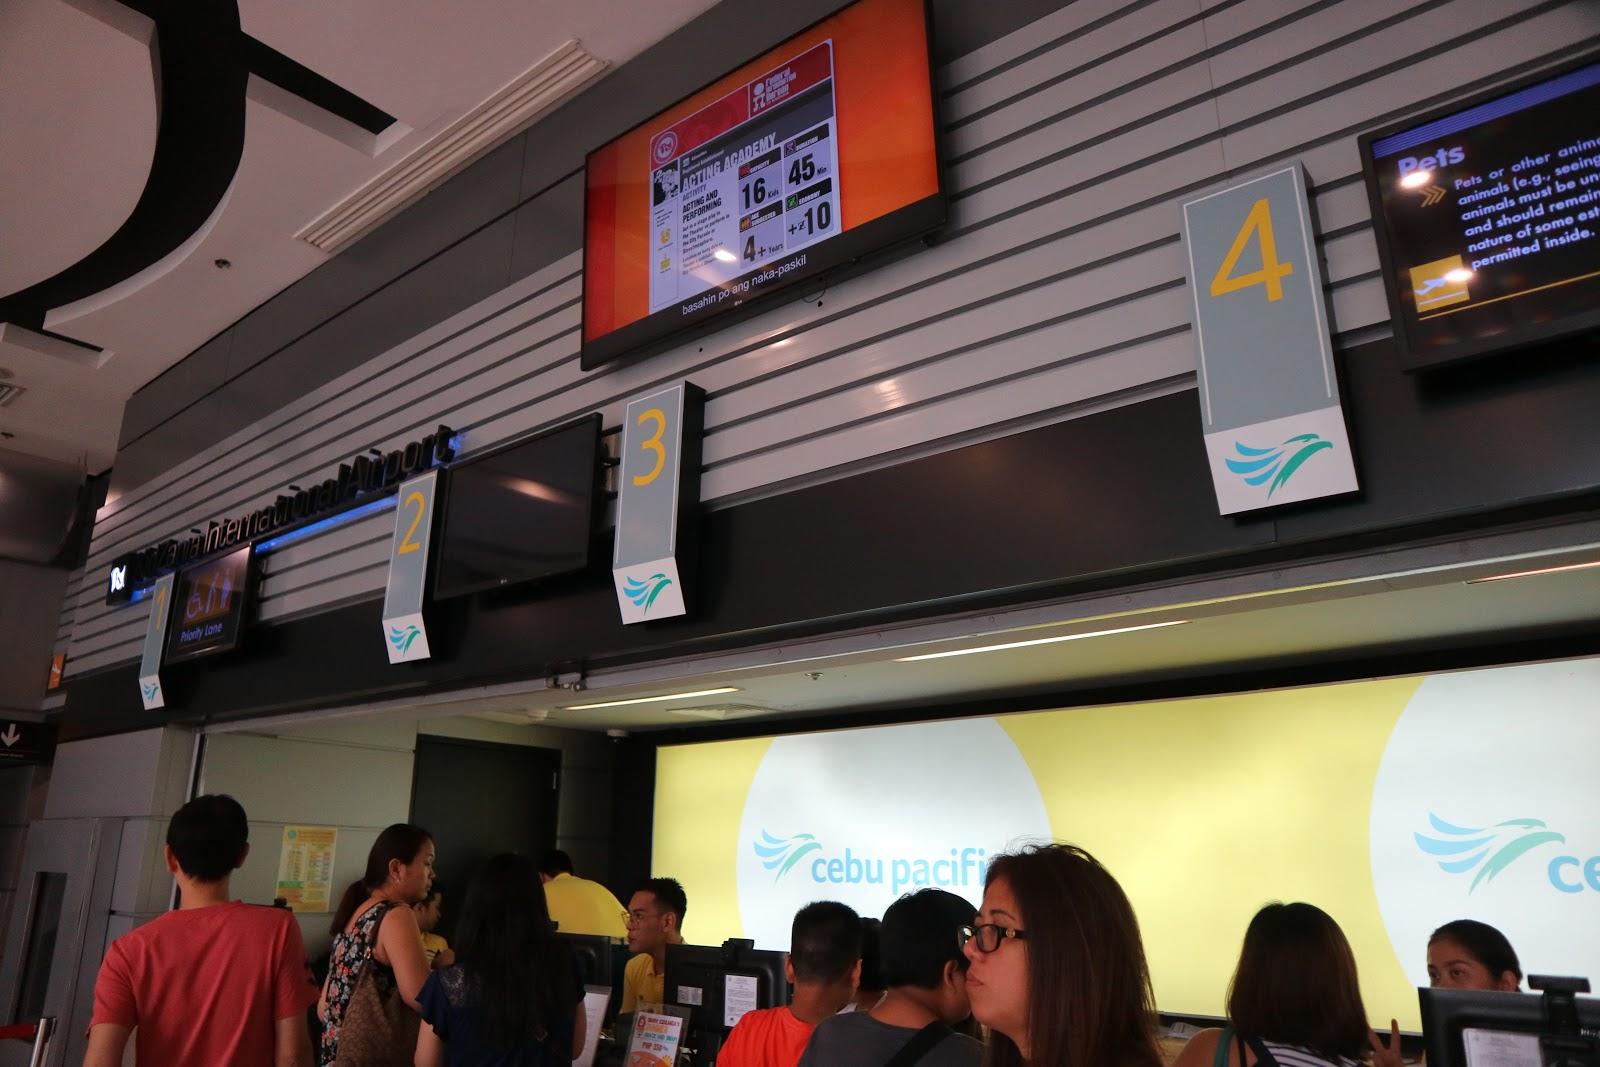 KidZania Cebu Pacific Ticketing